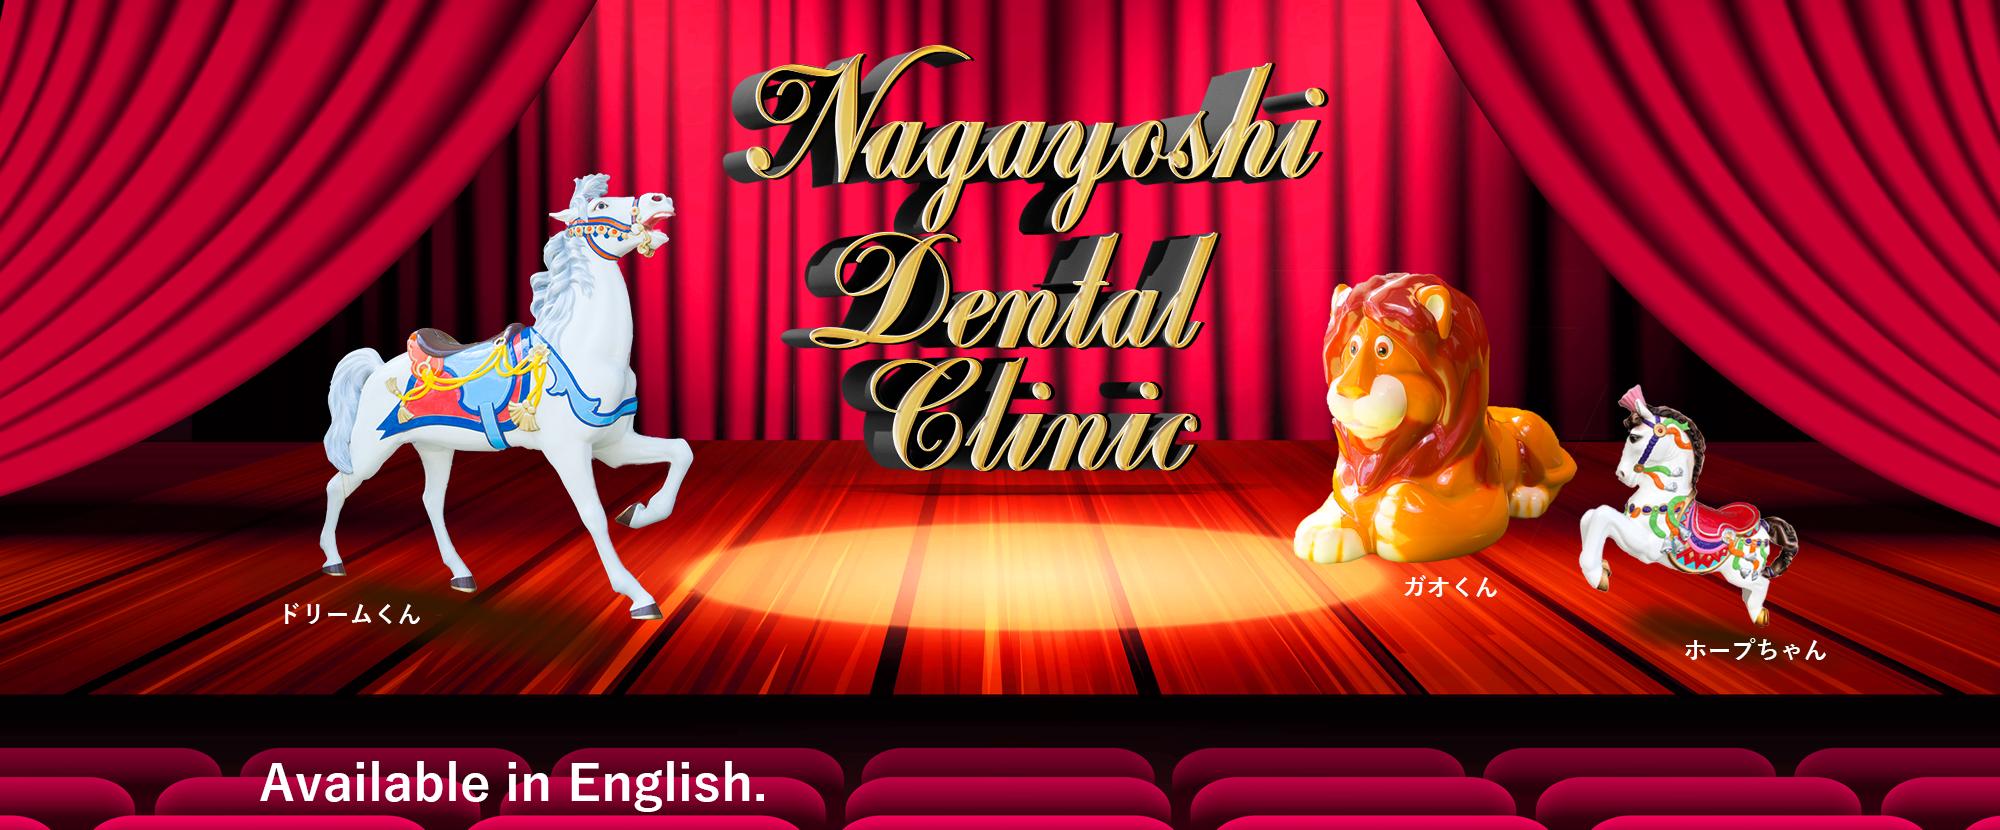 豊中 歯医者|患者様に優しい歯医者は「ながよしデンタルクリニック」